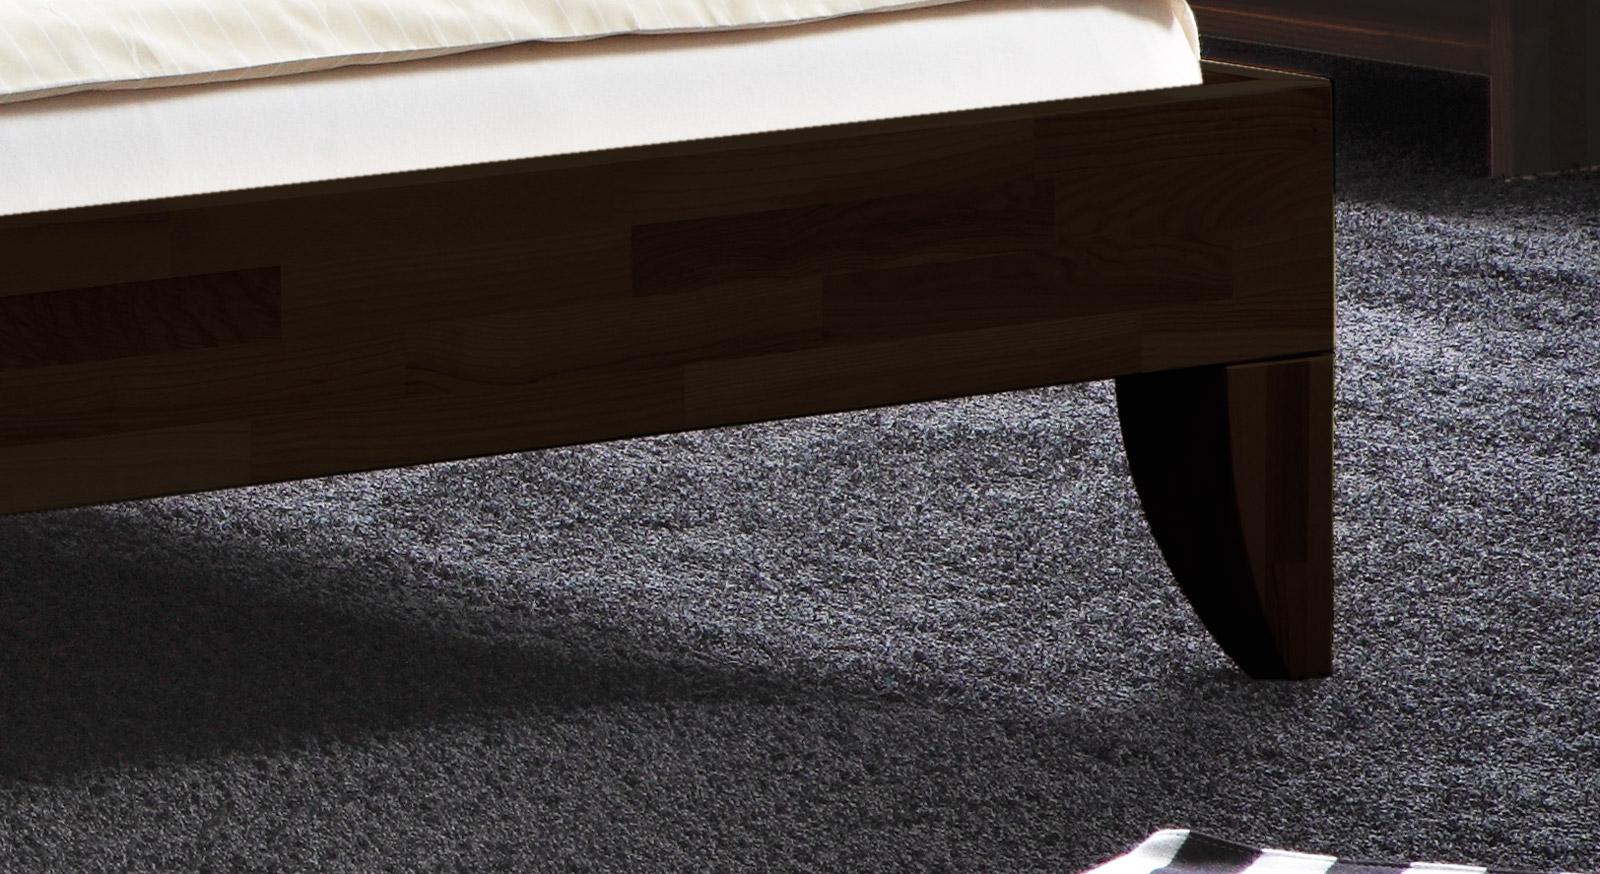 Massives Bett Fontana mit hochwertigen, stabilen Füßen.